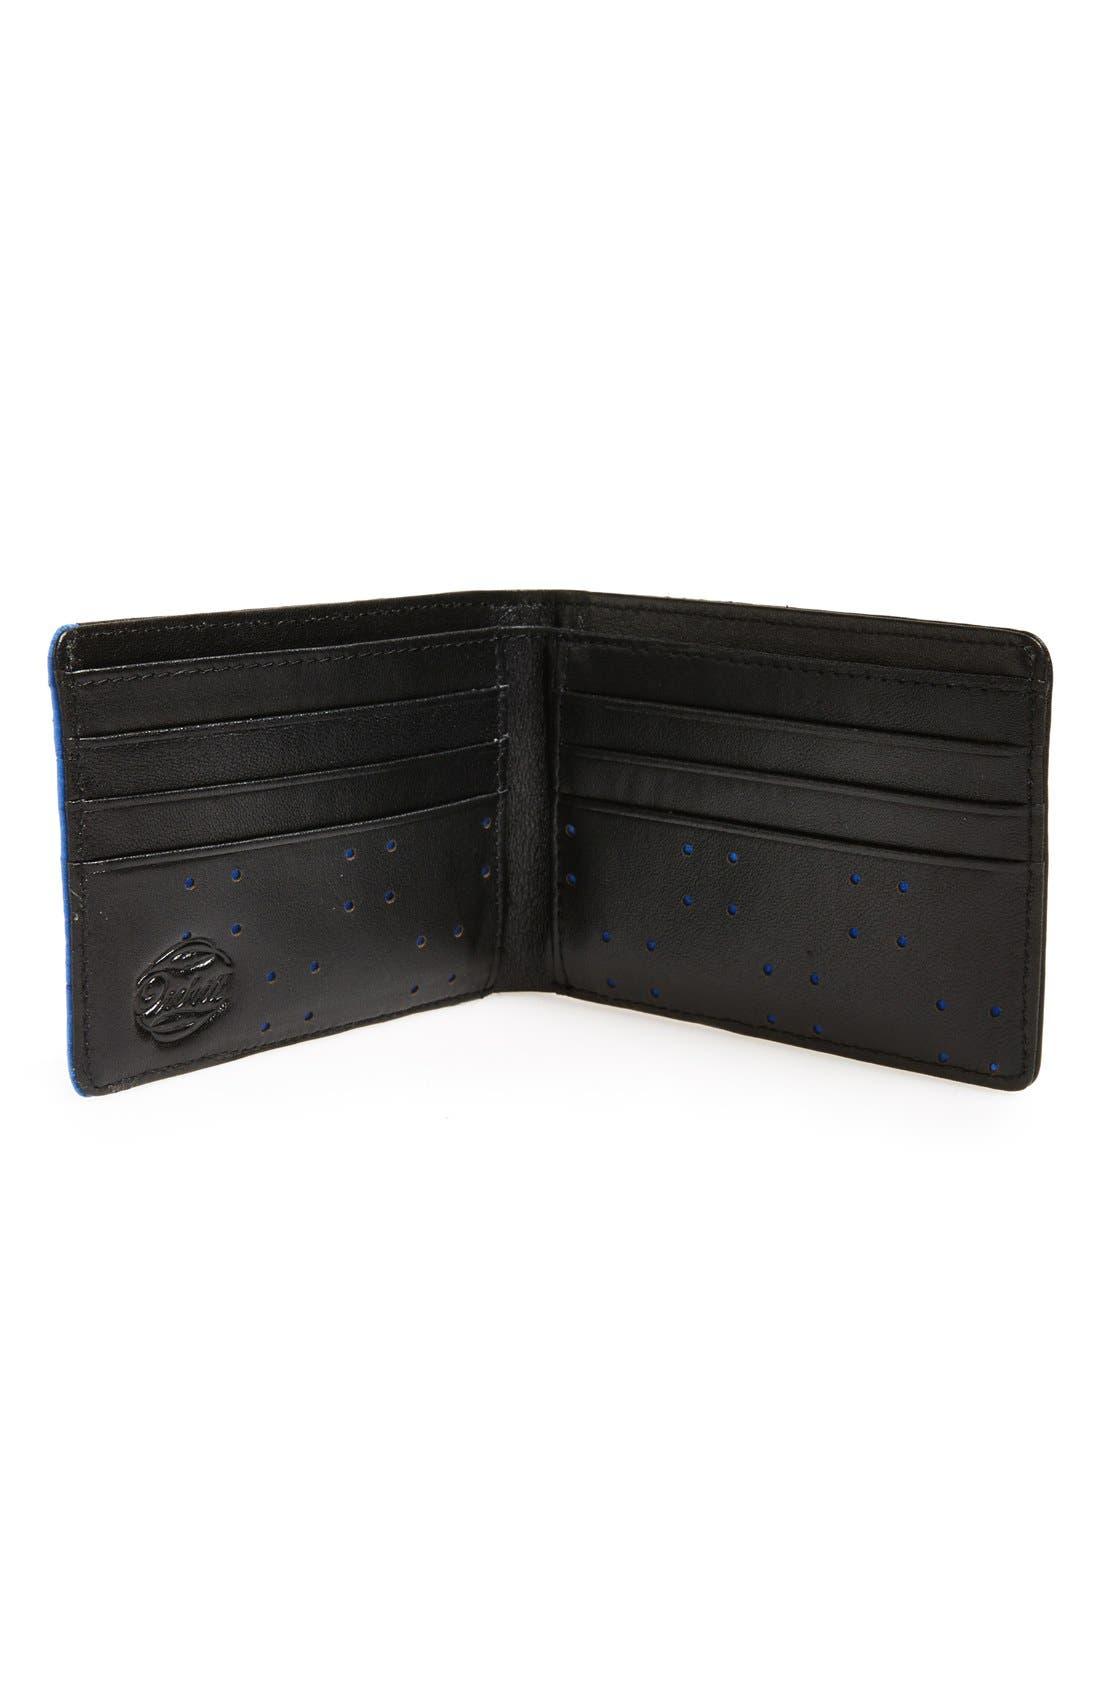 'AV1' Wallet,                             Alternate thumbnail 2, color,                             001